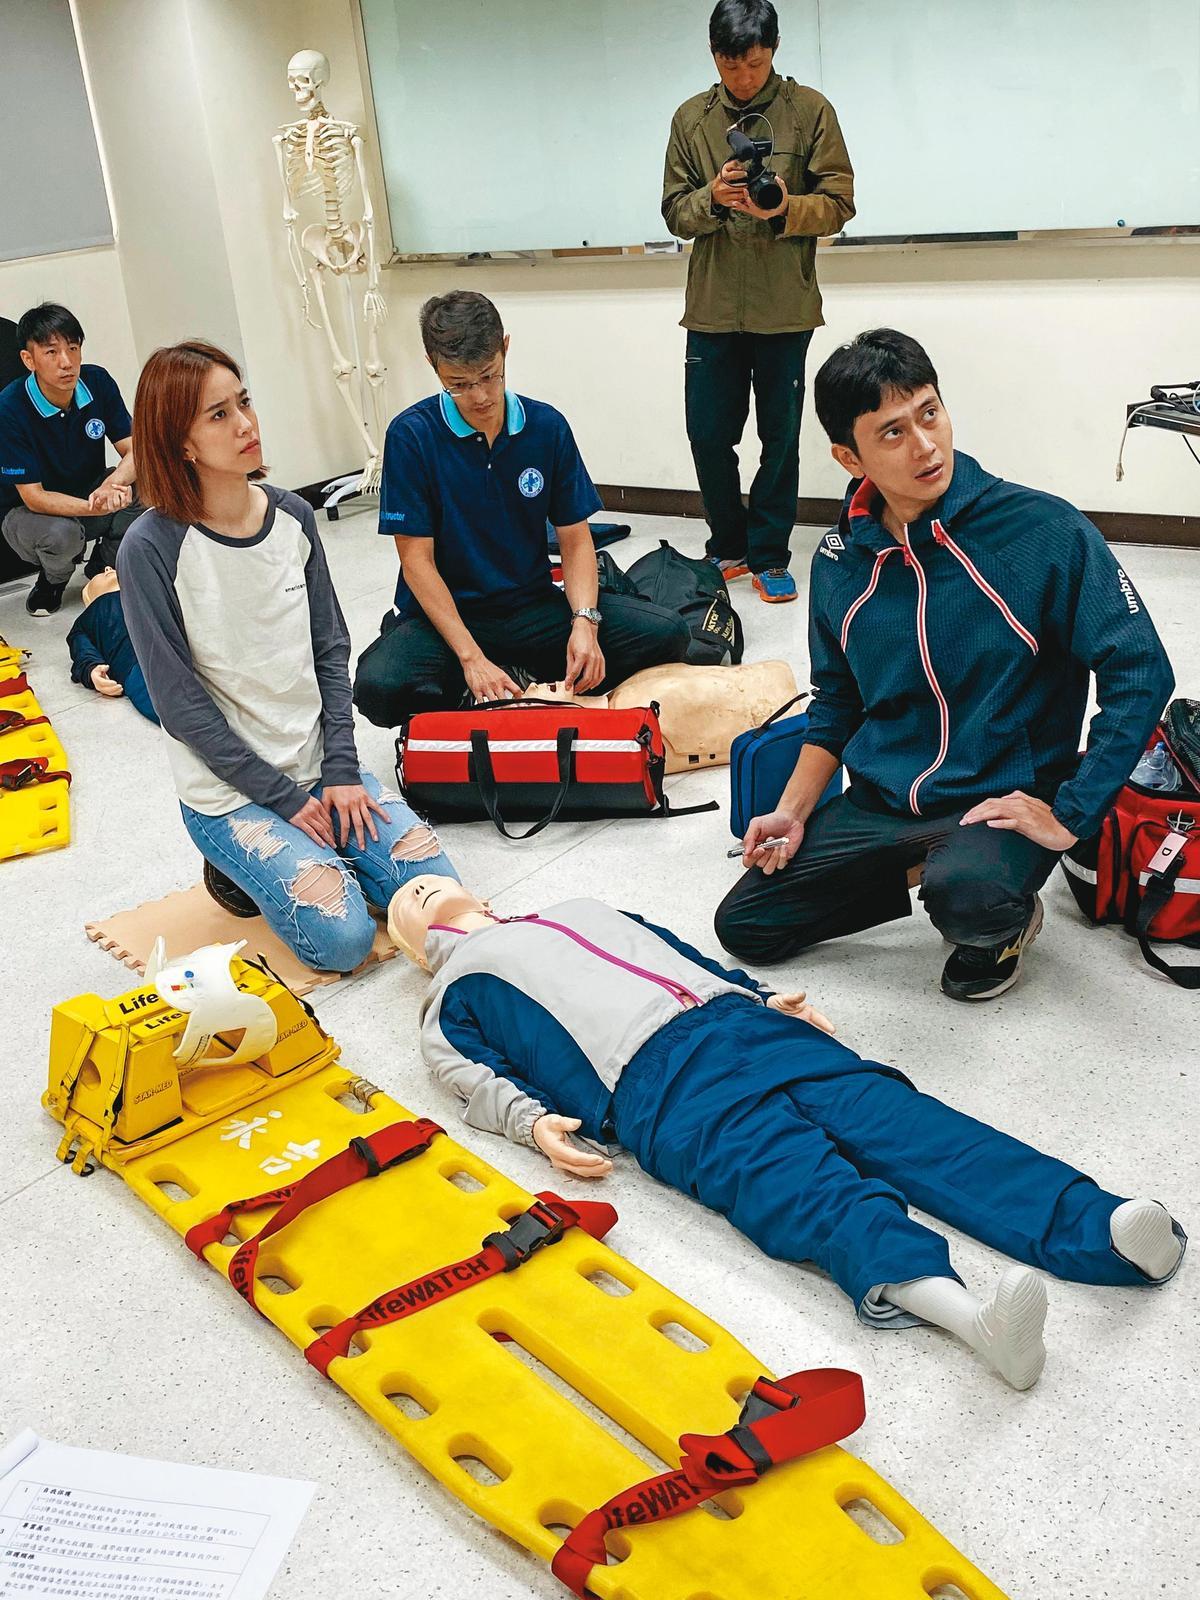 陳庭妮(左)、劉冠廷(右)與劇組人員在前置期參與救護訓練課程,了解內容與步驟。(公視、myVideo提供)